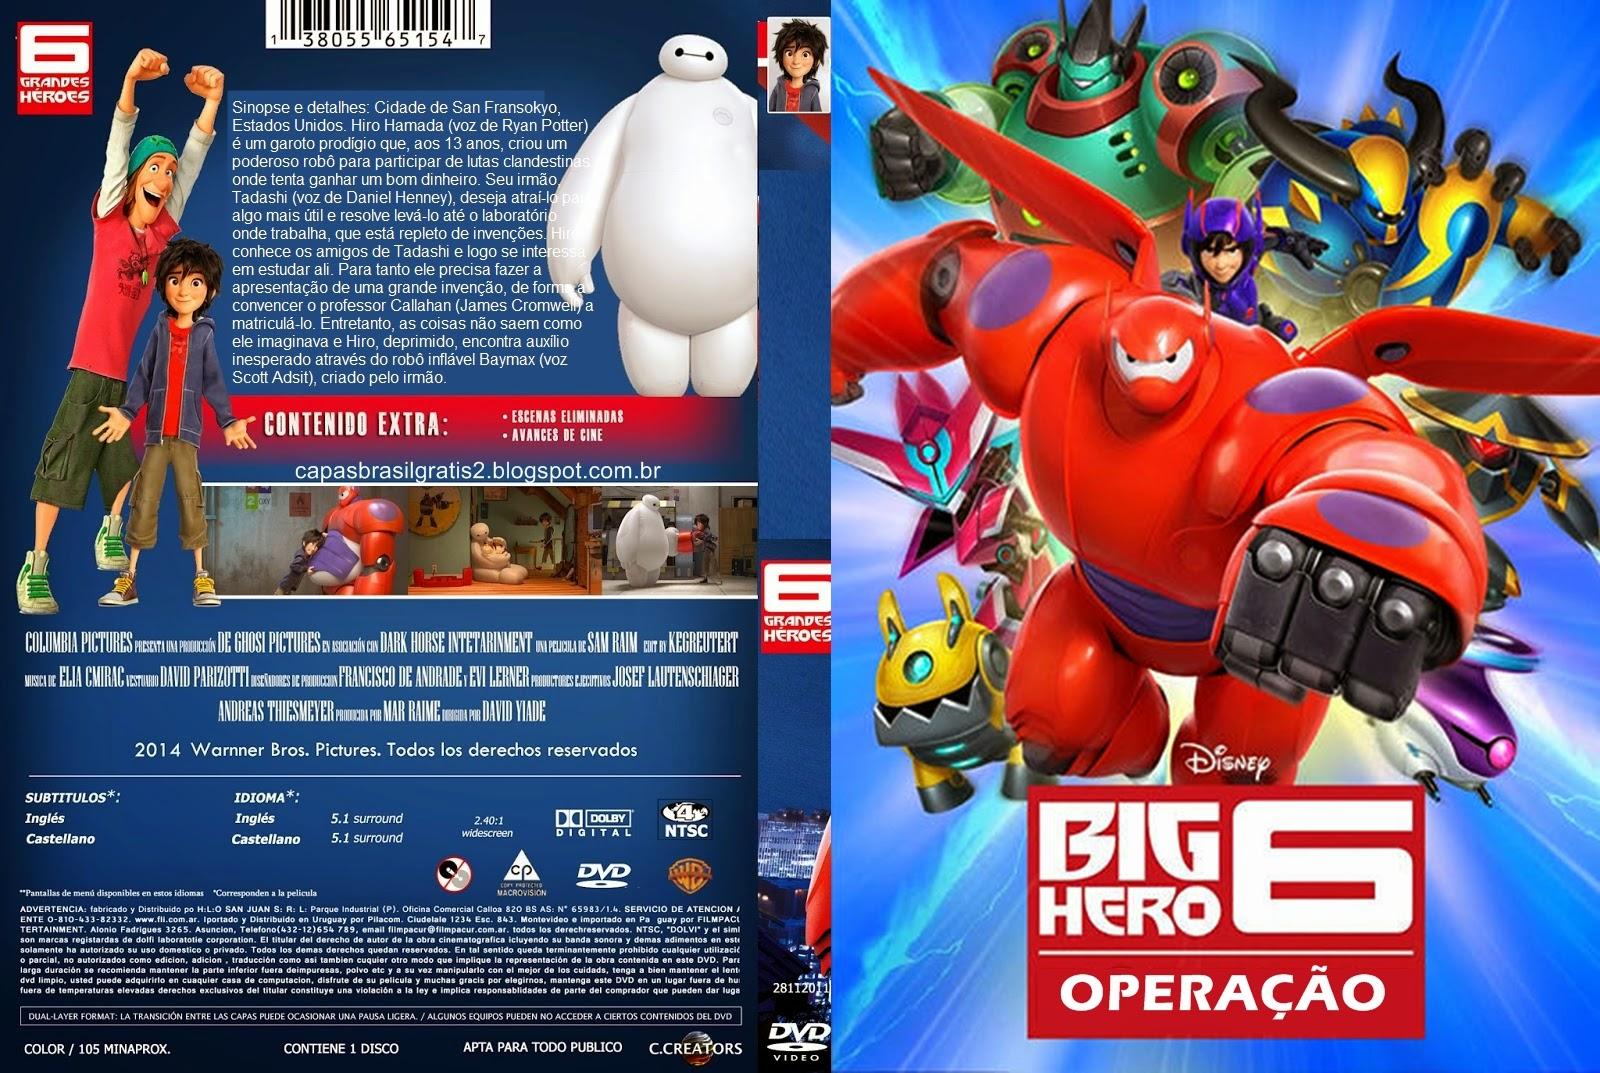 Baixar Operação Big Hero BDRip XviD Dual Áudio Opera C3 A7 C3 A3o 2BBig 2BHero 2B02